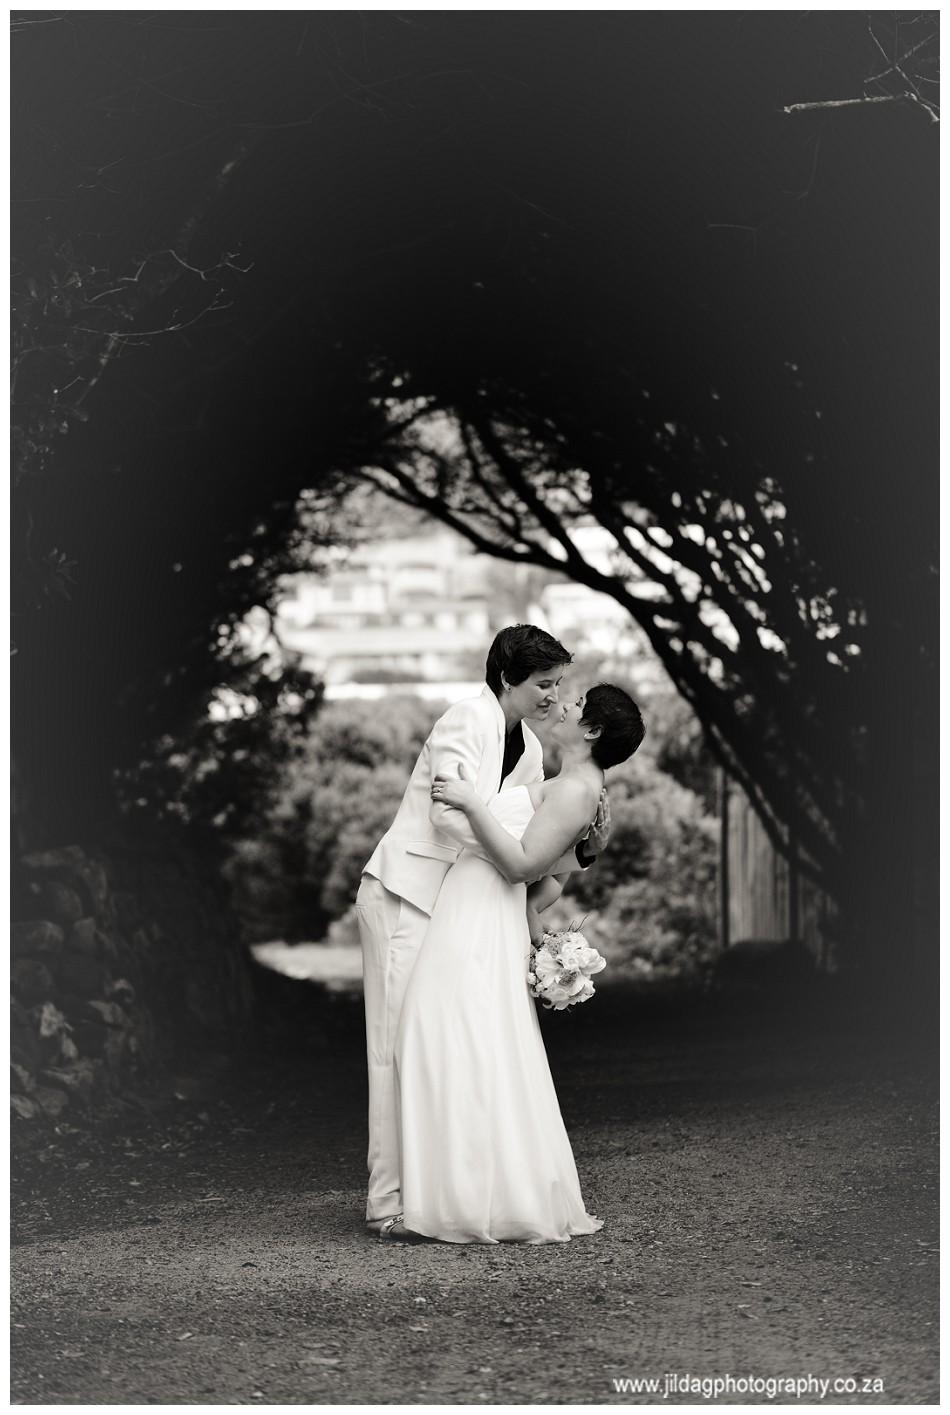 Gay wedding - Jilda G Photography - Cape Town wedding (28)